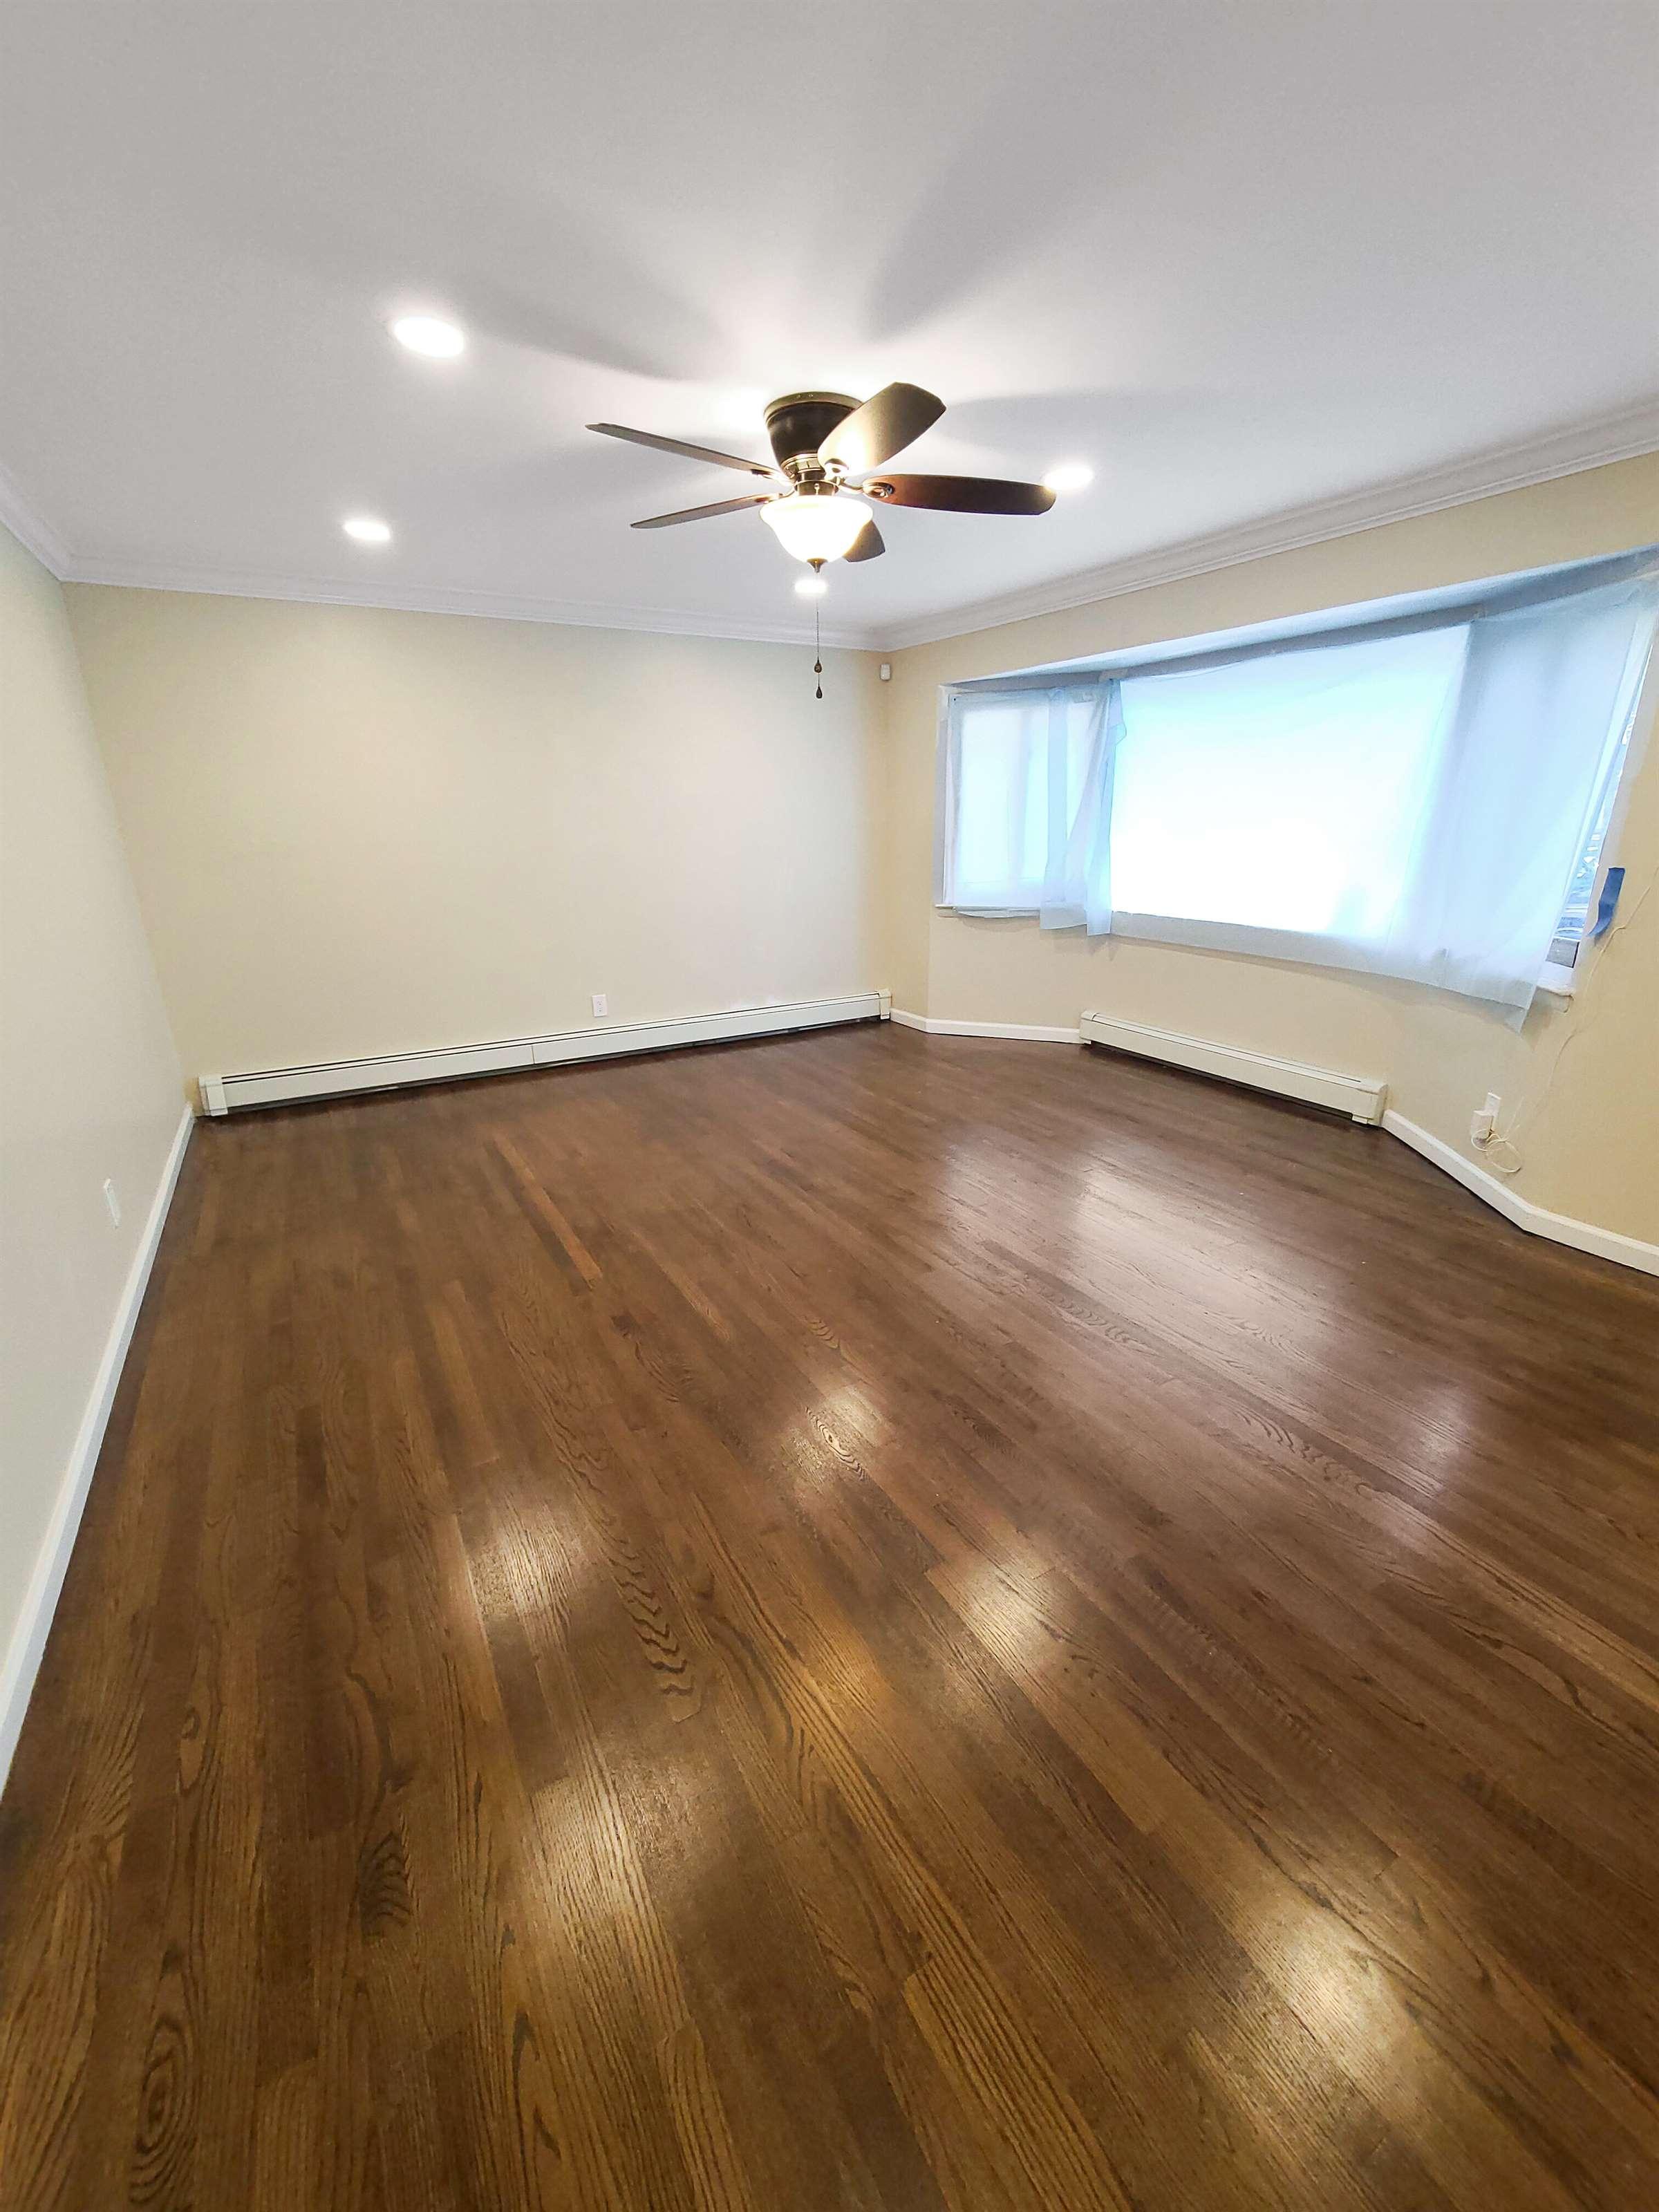 227 Nicolls Road, Wheatley Heights, NY 11798